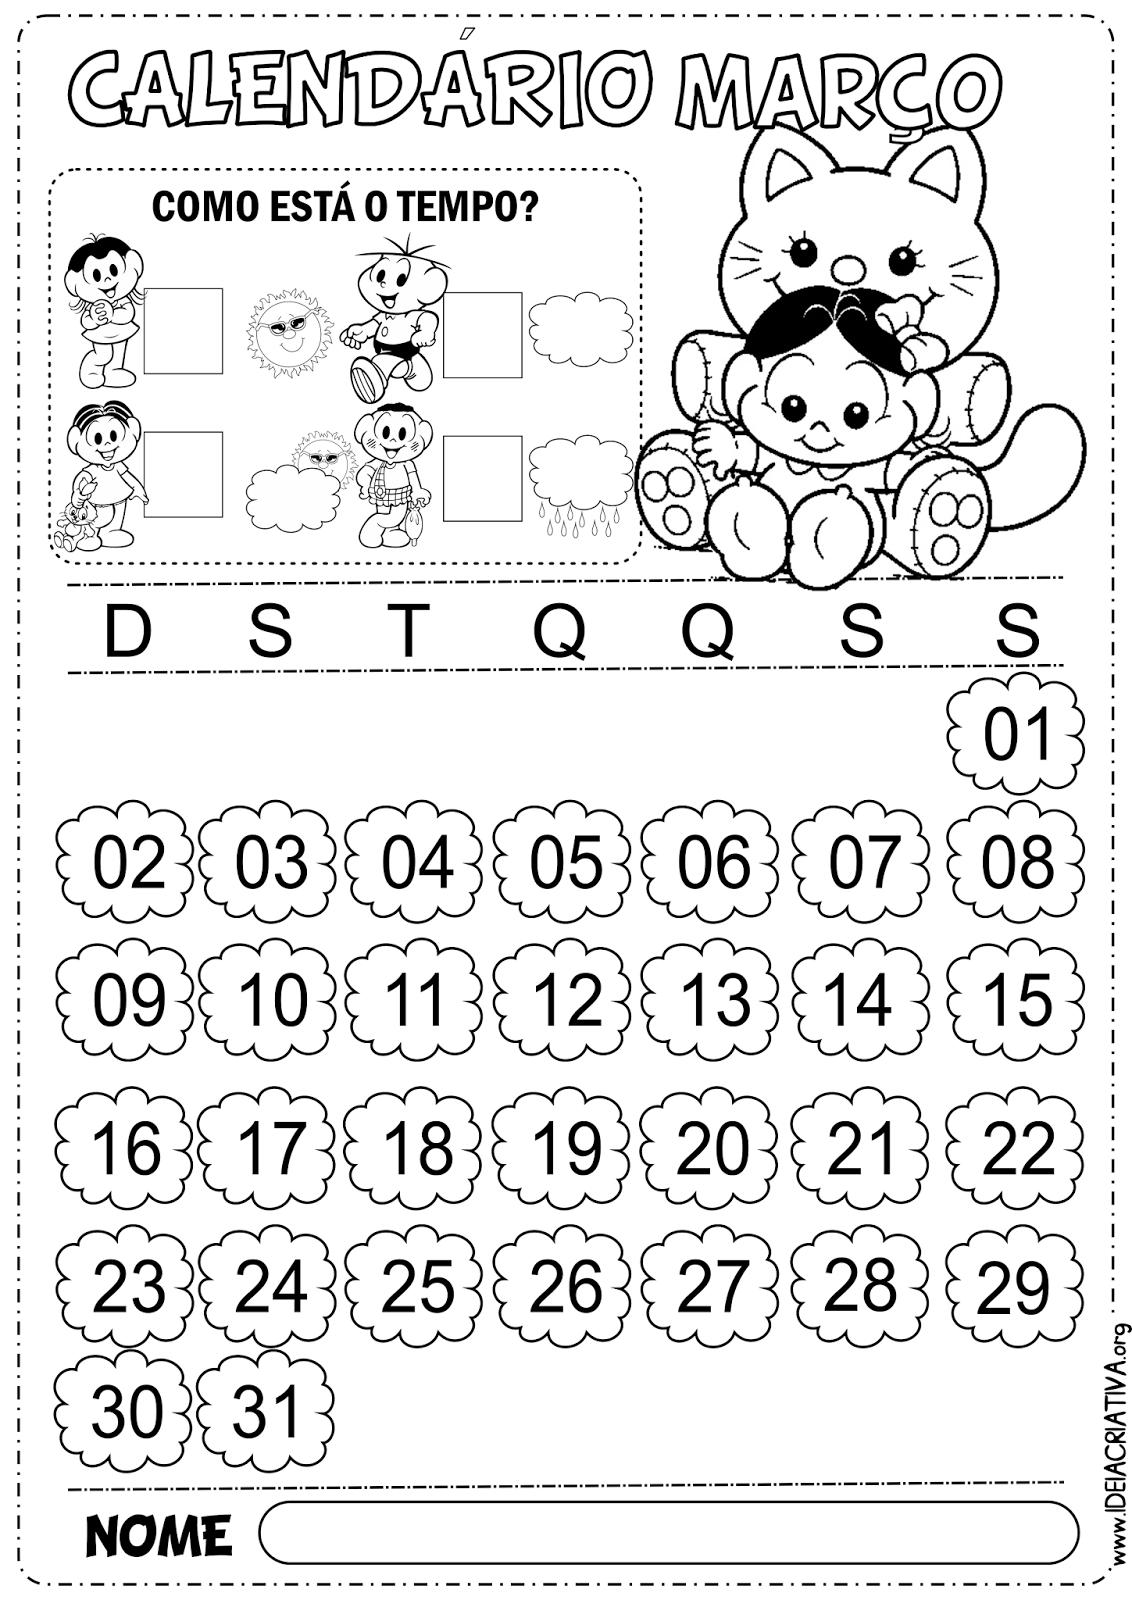 Calendário Março  Turma da Mônica